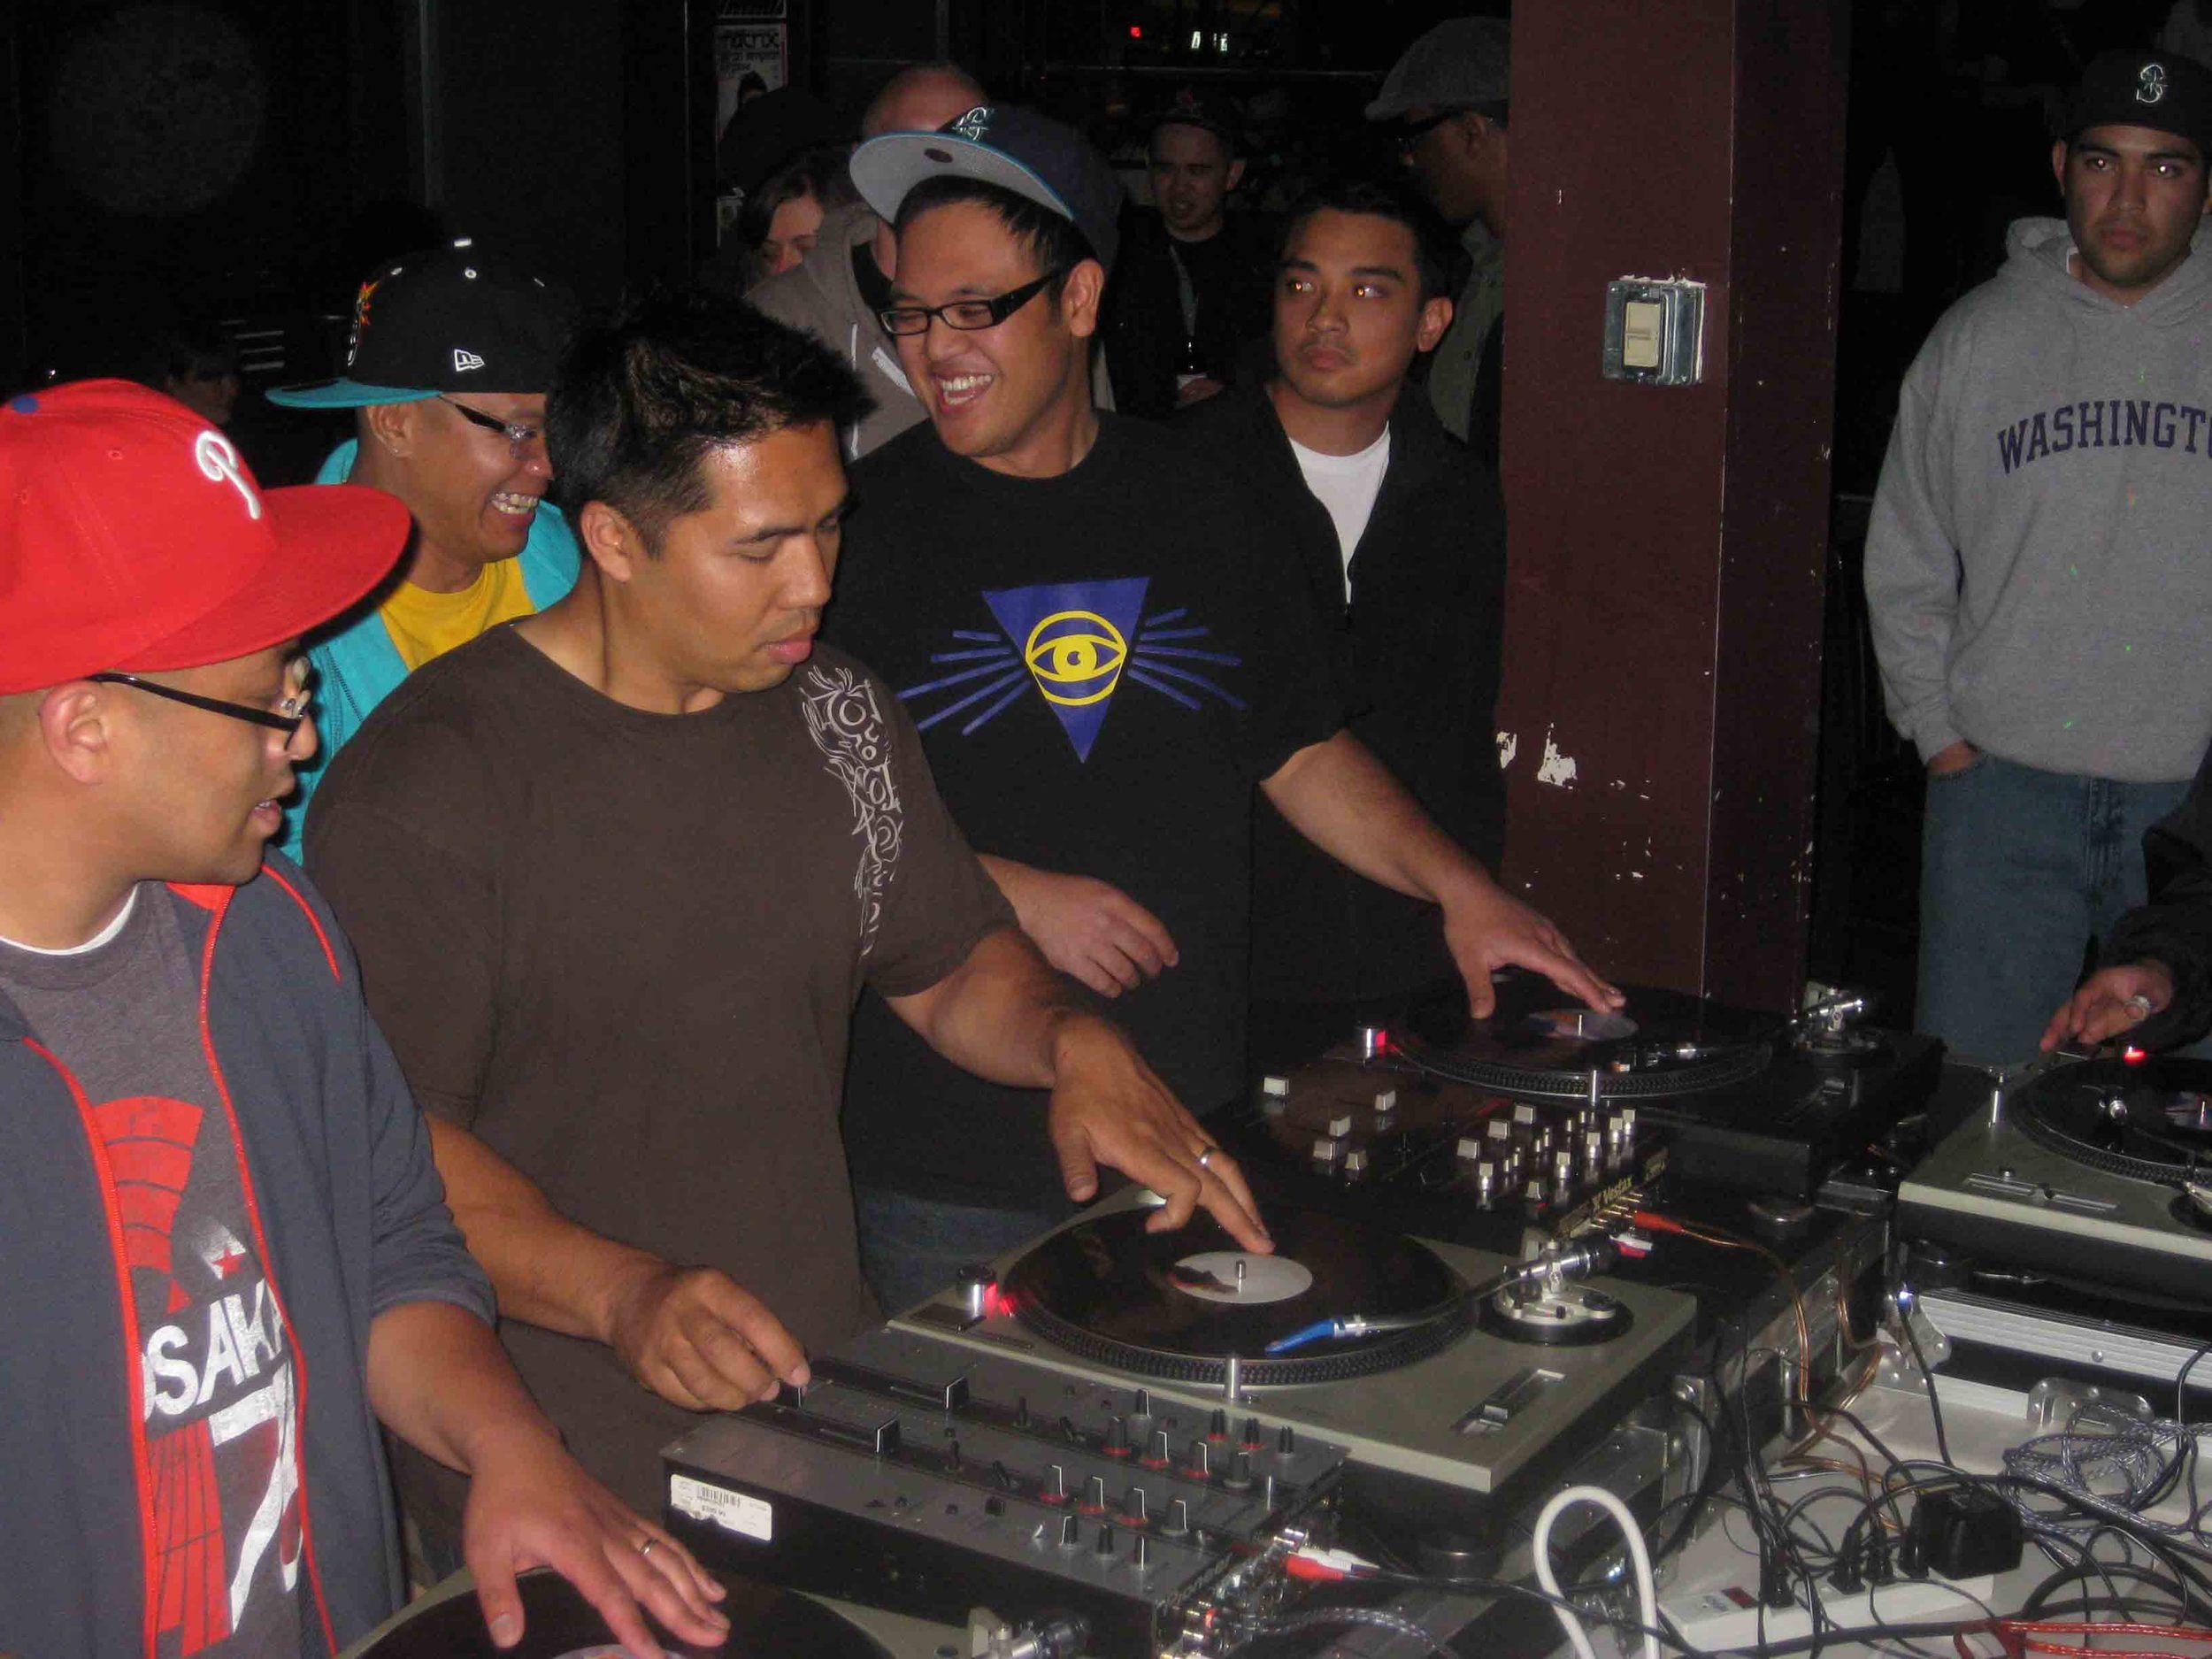 2011_07_07_Skratch Lounge (10).jpg